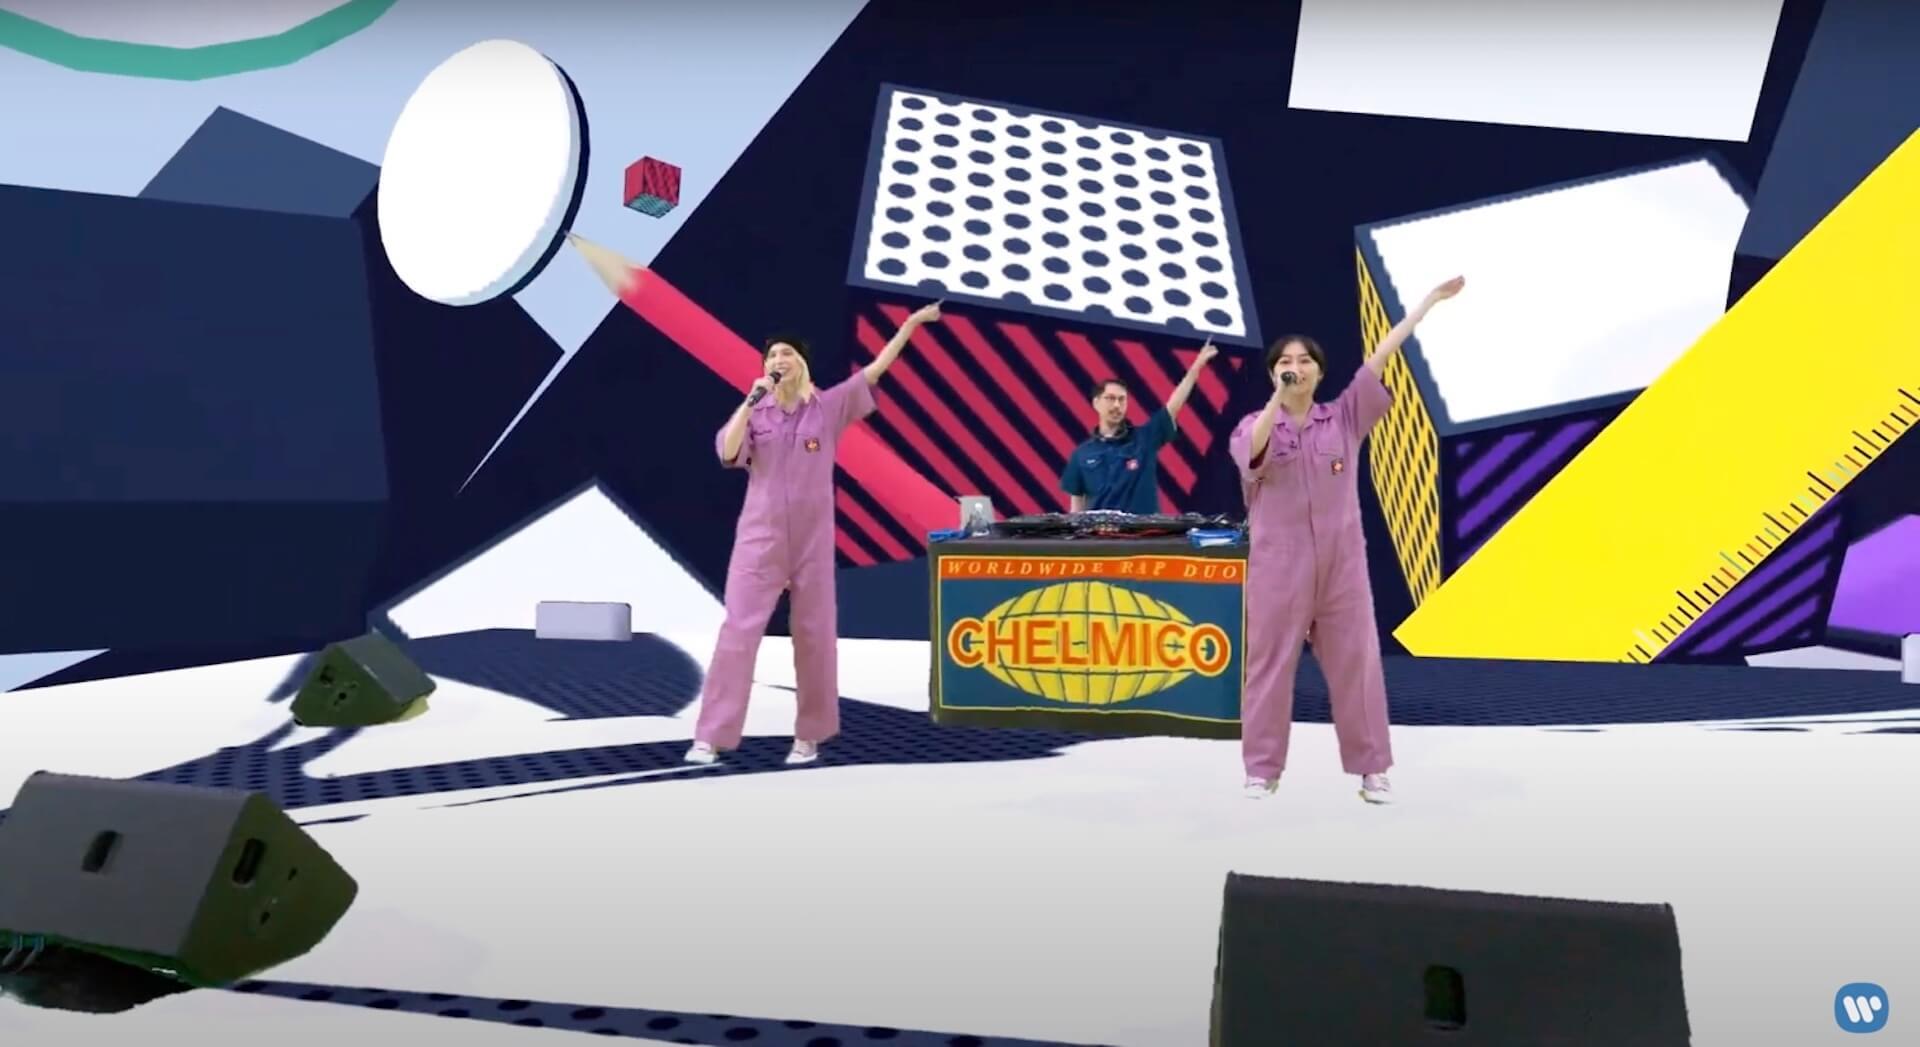 chelmicoがアルバムリリースを記念して<chelmicoが2次元と3次元を行き来する#ごちゃmazeハイパーバーチャルライブ>を開催!ライブレポートが到着 music2020827-chelmico4